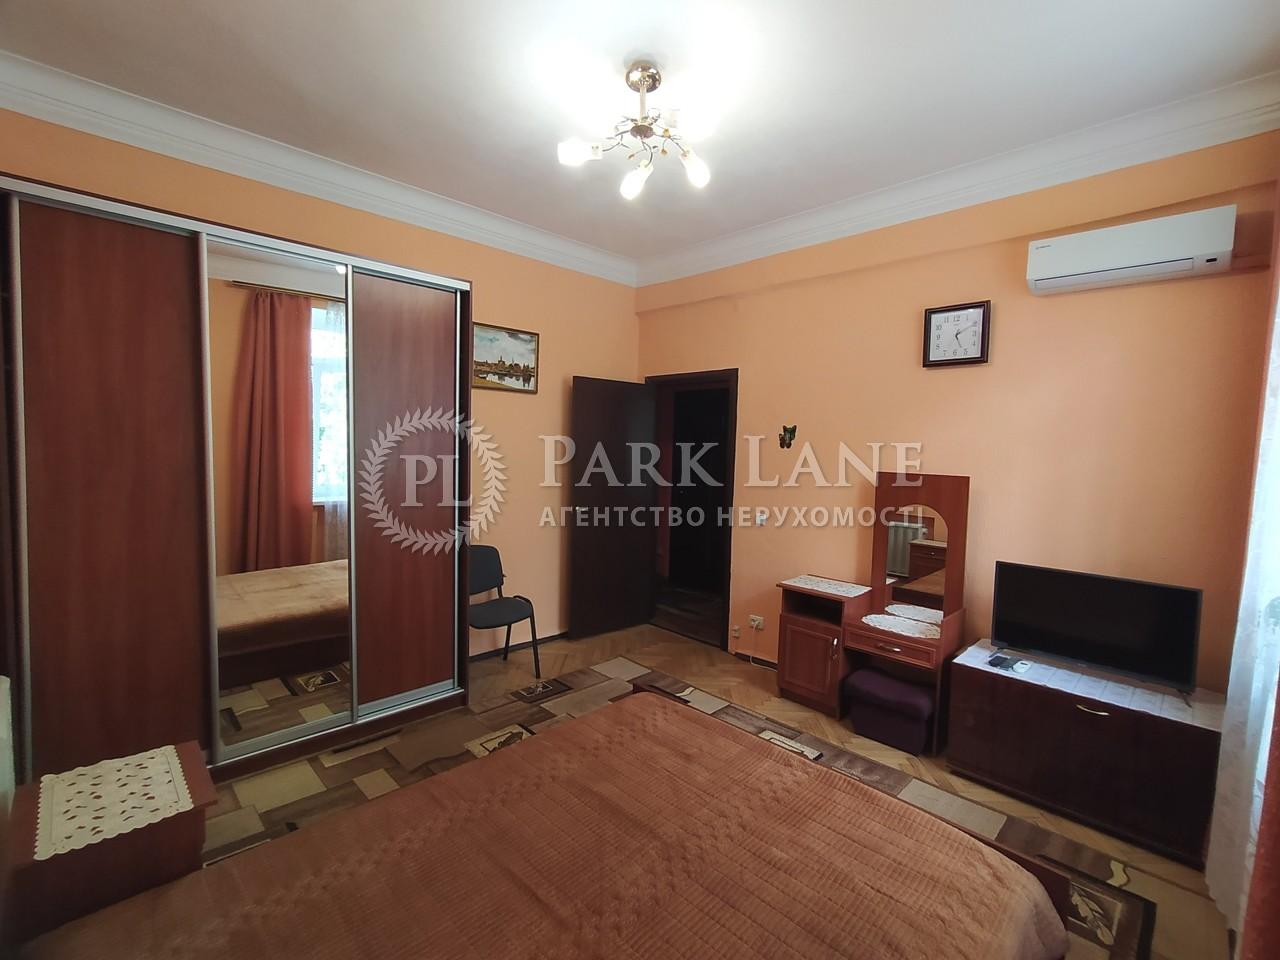 Квартира вул. Червоноткацька, 17, Київ, I-18667 - Фото 4